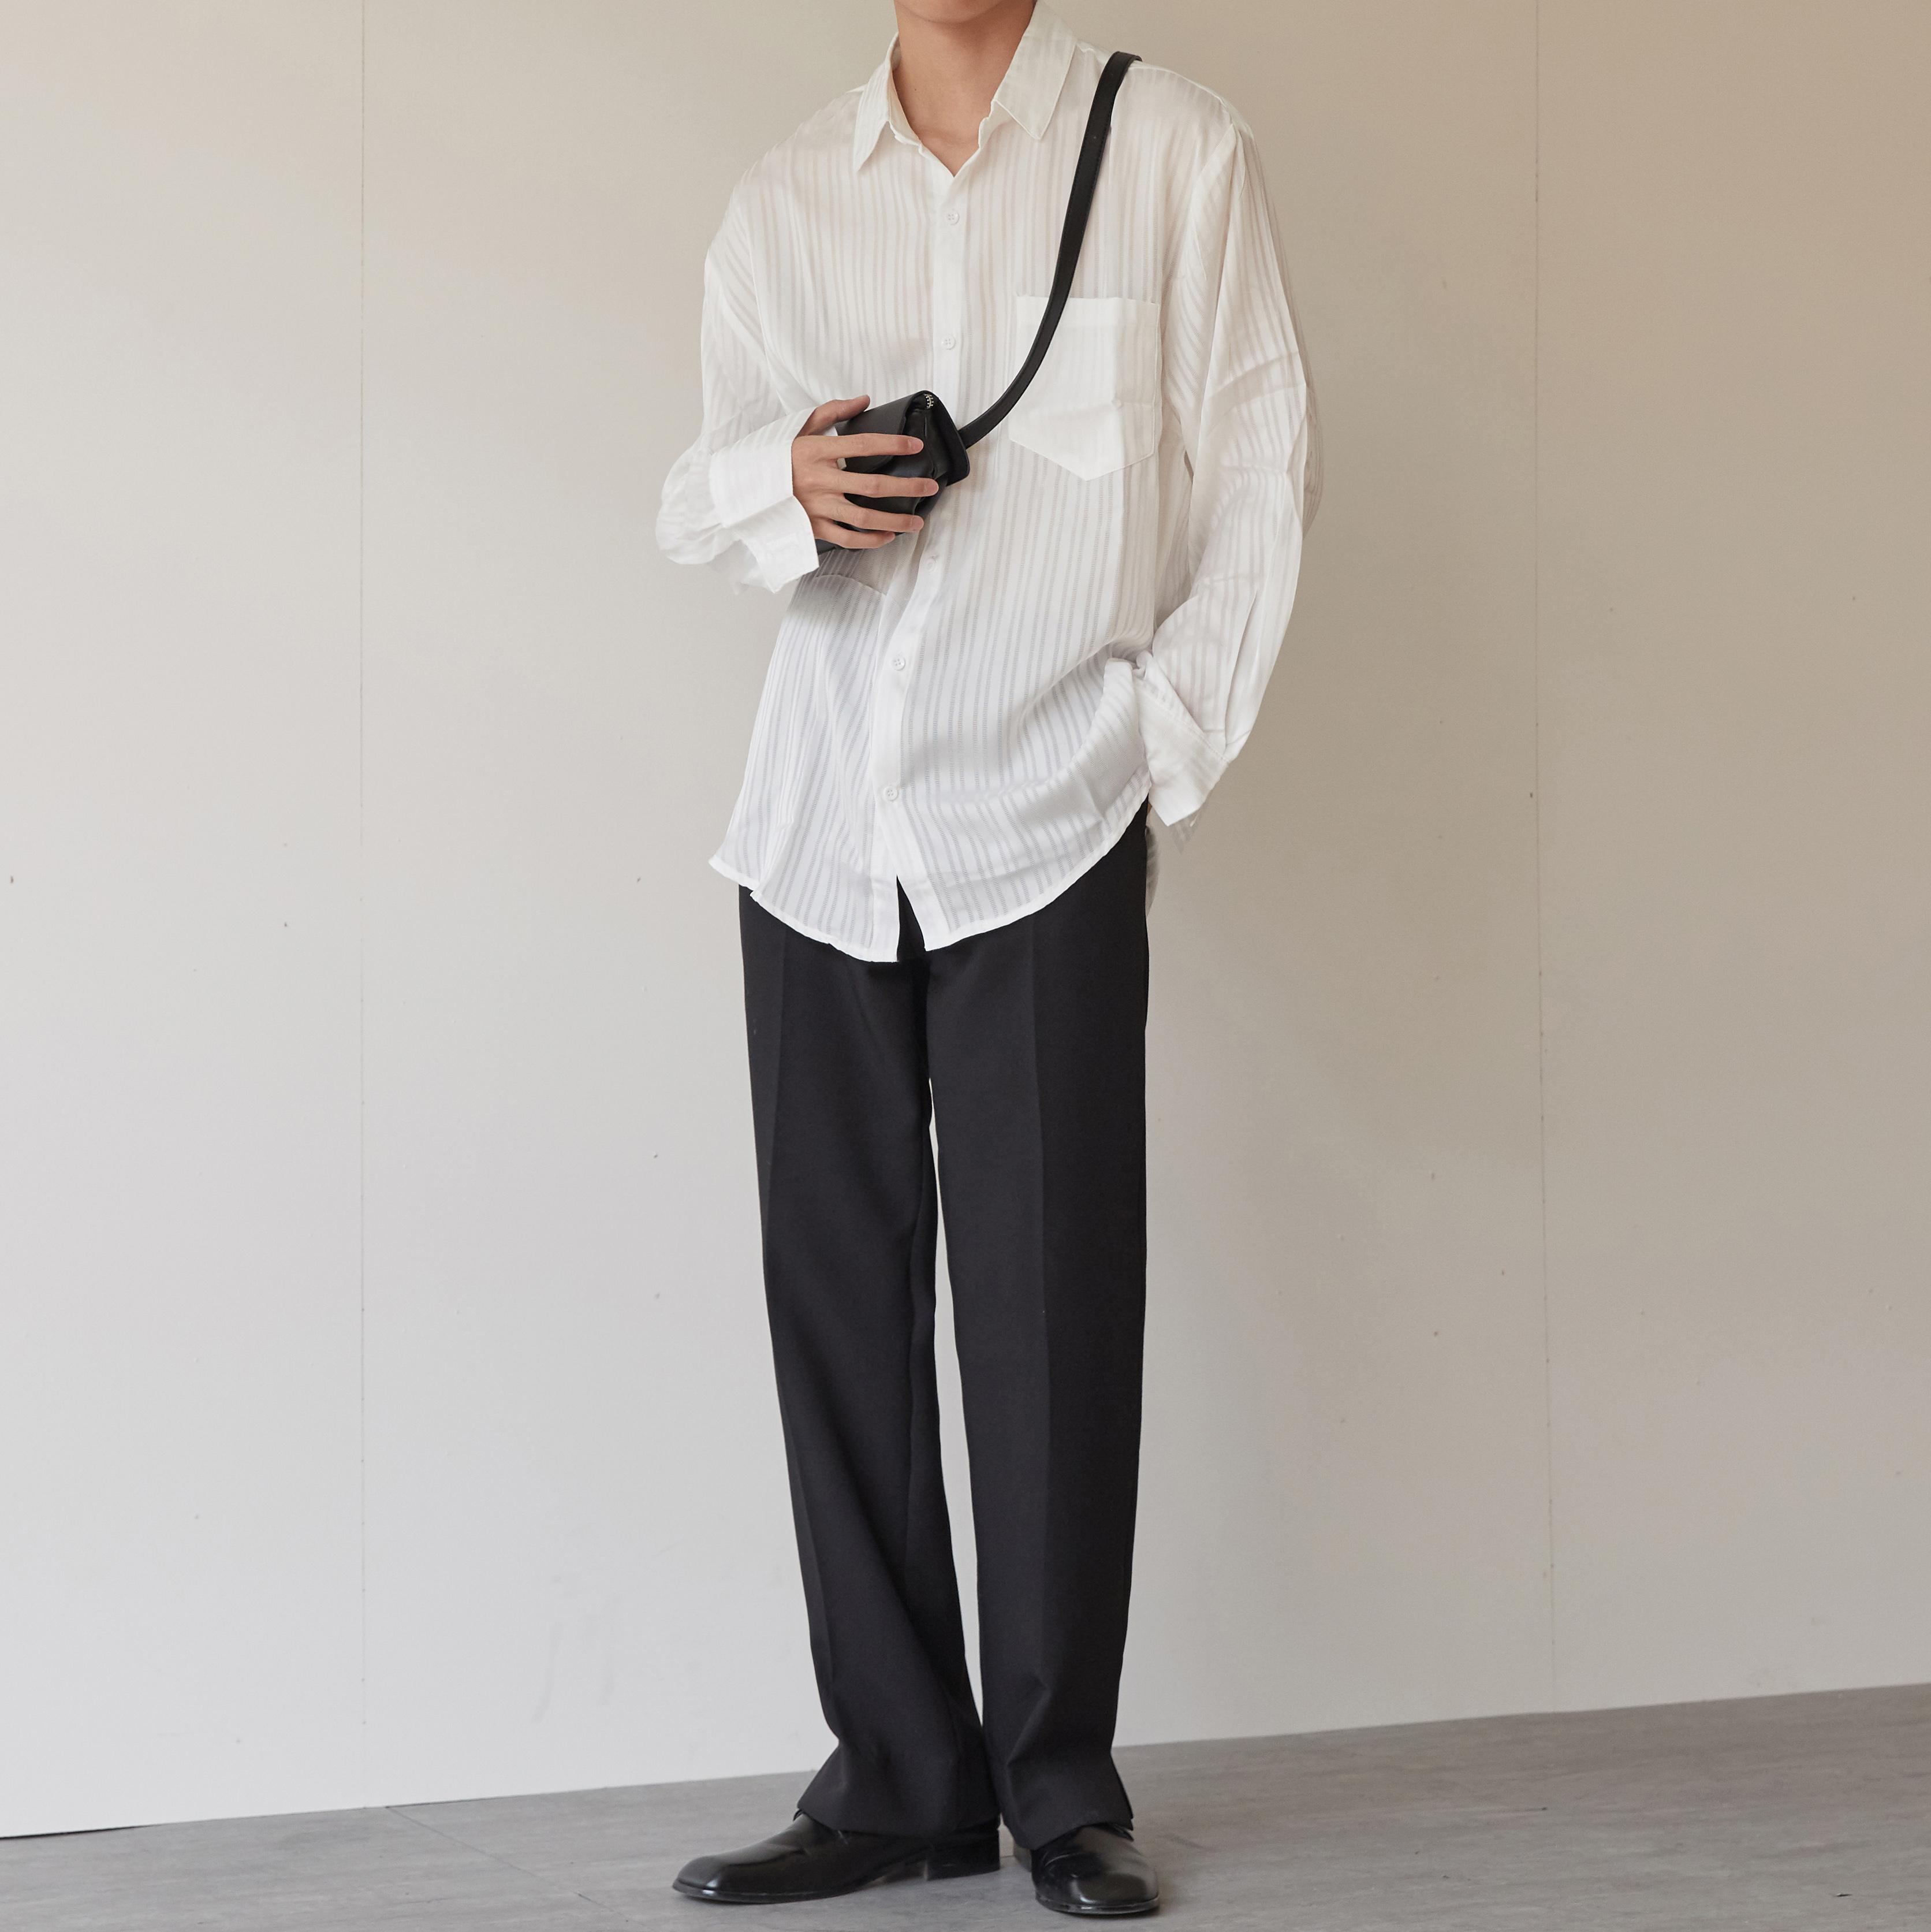 AJIUNE衬衫男长袖韩版潮流2019秋季新款男生纯色休闲网红衬衣限时秒杀